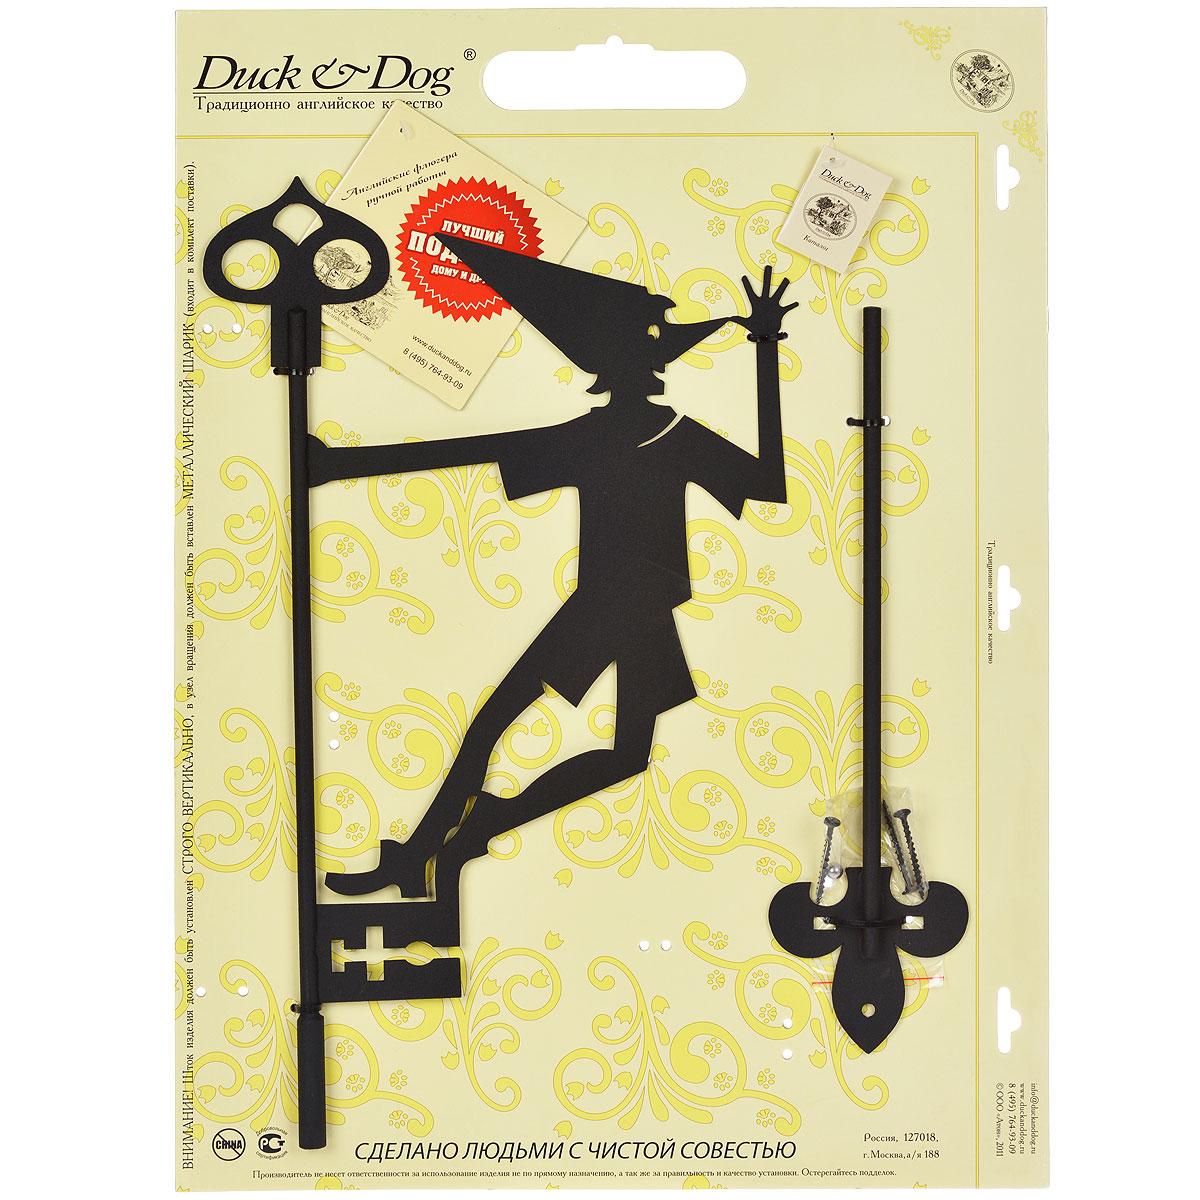 Указатель ветра Duck & Dog Буратино, 27 х 73 смL-0213Легкий и сильный указатель ветра ветра Duck & Dog Буратино станет прекрасным дополнением к экстерьеру вашего дома. Классический английский указатель ветра ручной работы - это отличное приобретение для вашего дома и хороший подарок близким! В комплект входит система крепления и металлический шарик для вращения указателя. Изделие изготовлено из сплавов прочных металлов и покрыто специальной порошковой краской, устойчивой ко всем погодным условиям, что гарантирует долговечность срока службы.Размер фигурной части: 27 см х 45 см.